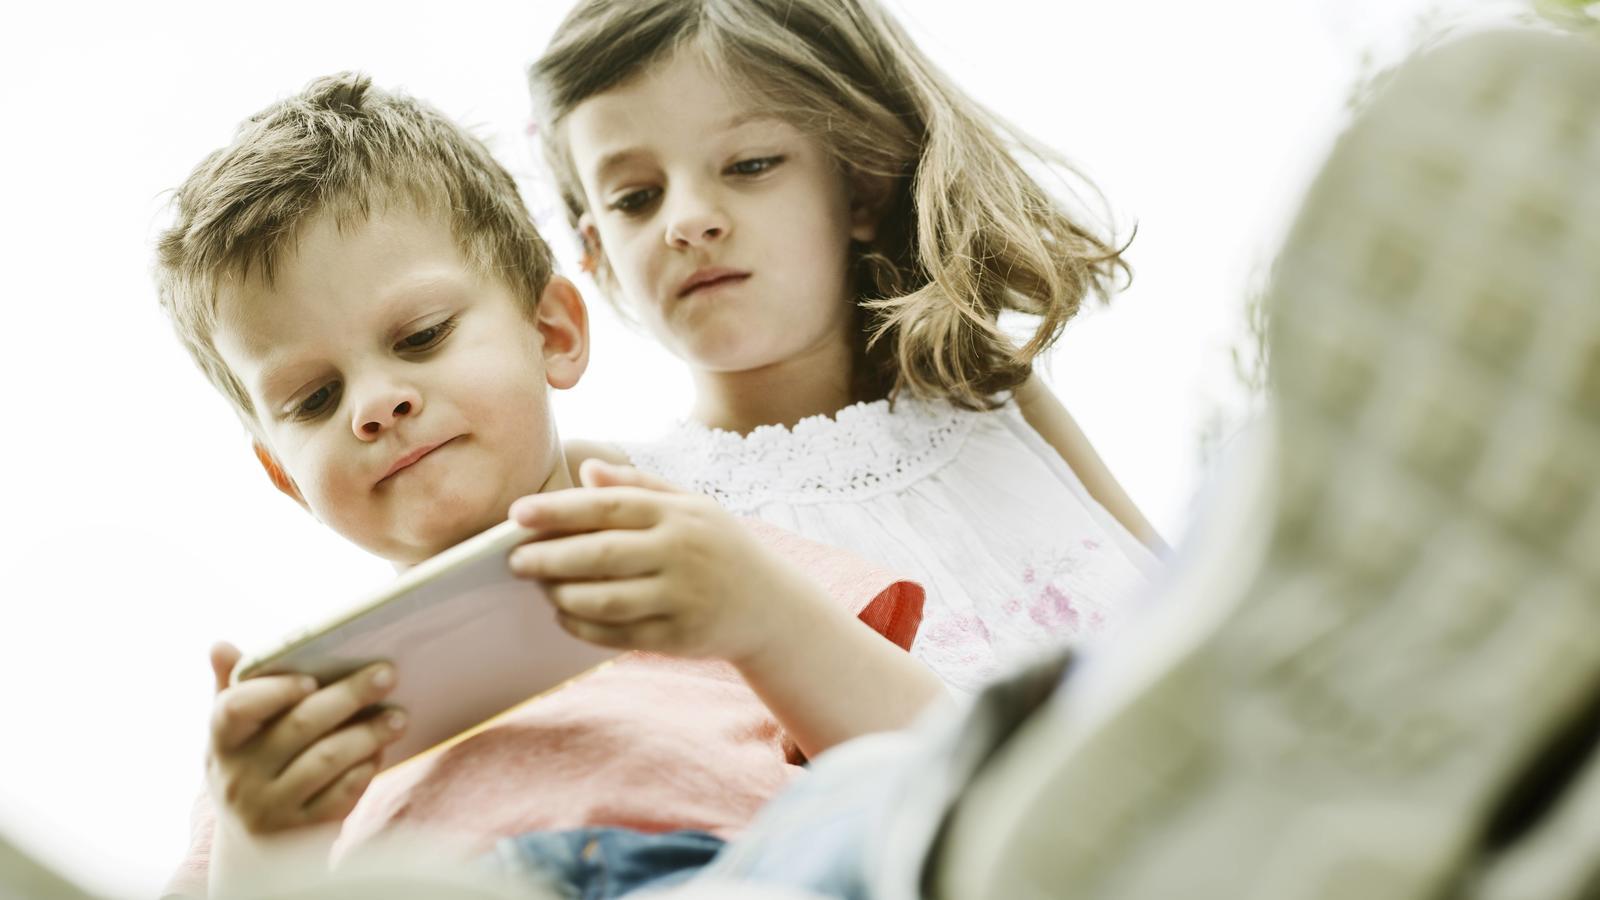 Experten warnen vor dem Smartphone-Gebrauch bei Kindern, denn der kann schnell fatale Folgen für ihre Gesundheit haben.